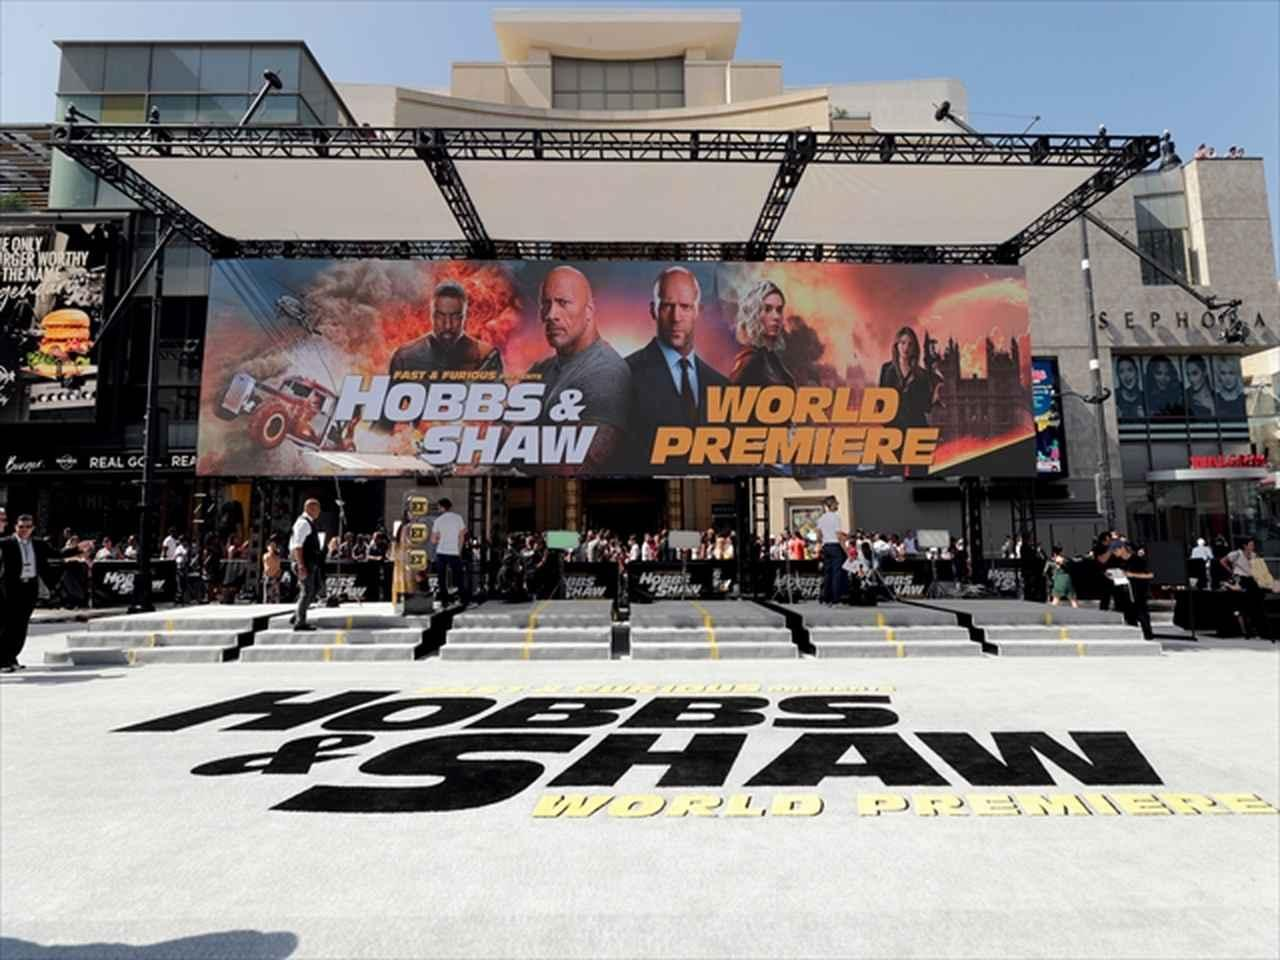 画像: ハリウッド大通りをガチ封鎖!「ワイルド・スピード/スーパーコンボ」グローバル・プレミアがとんでもない - SCREEN ONLINE(スクリーンオンライン)